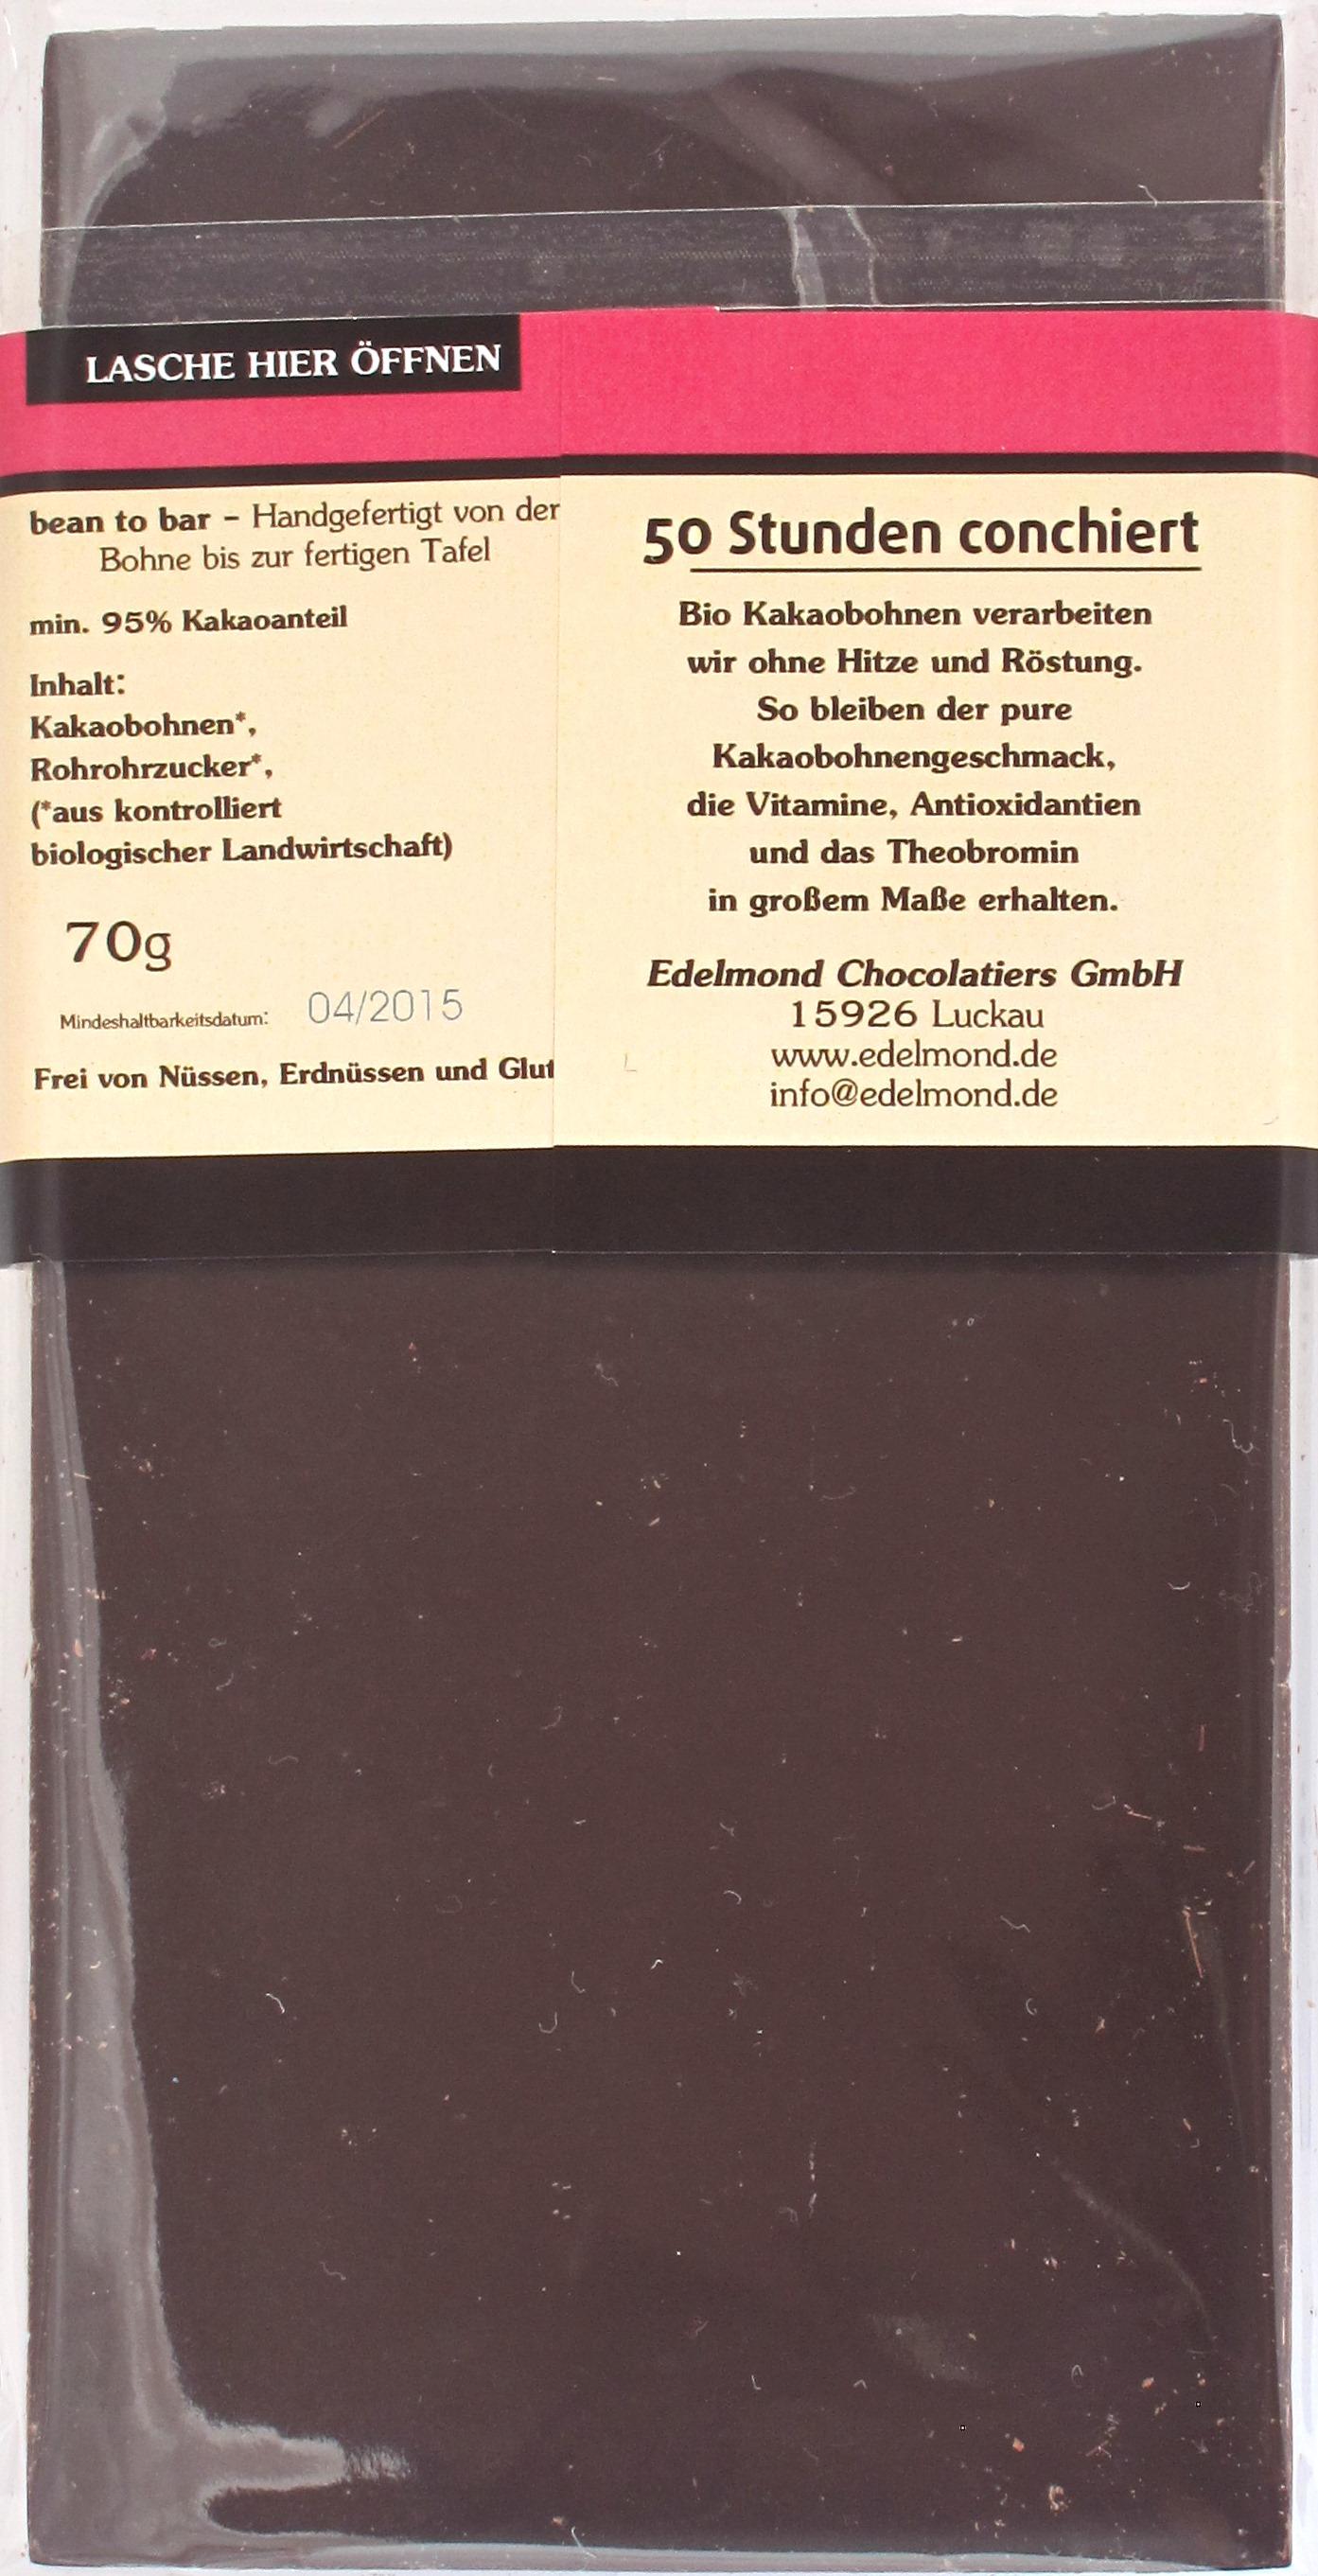 Edelmond 'RAW 95' Bitterschokolade, Inhaltsangabe